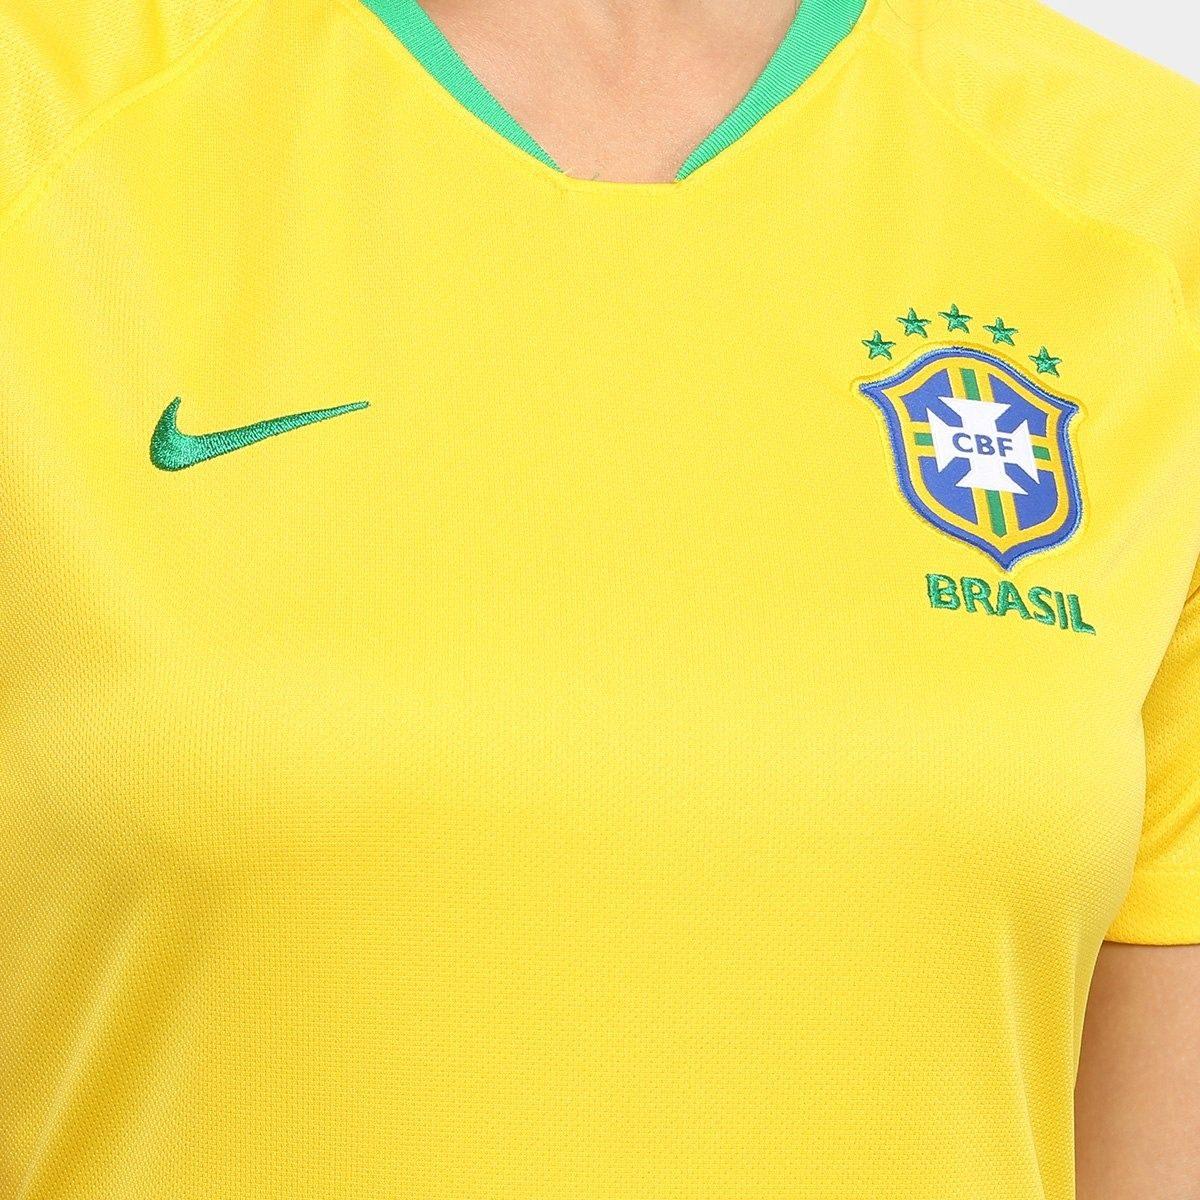 6a0c997c5f camisa seleção do brasil i 2018 torcedor nike feminina. Carregando zoom.